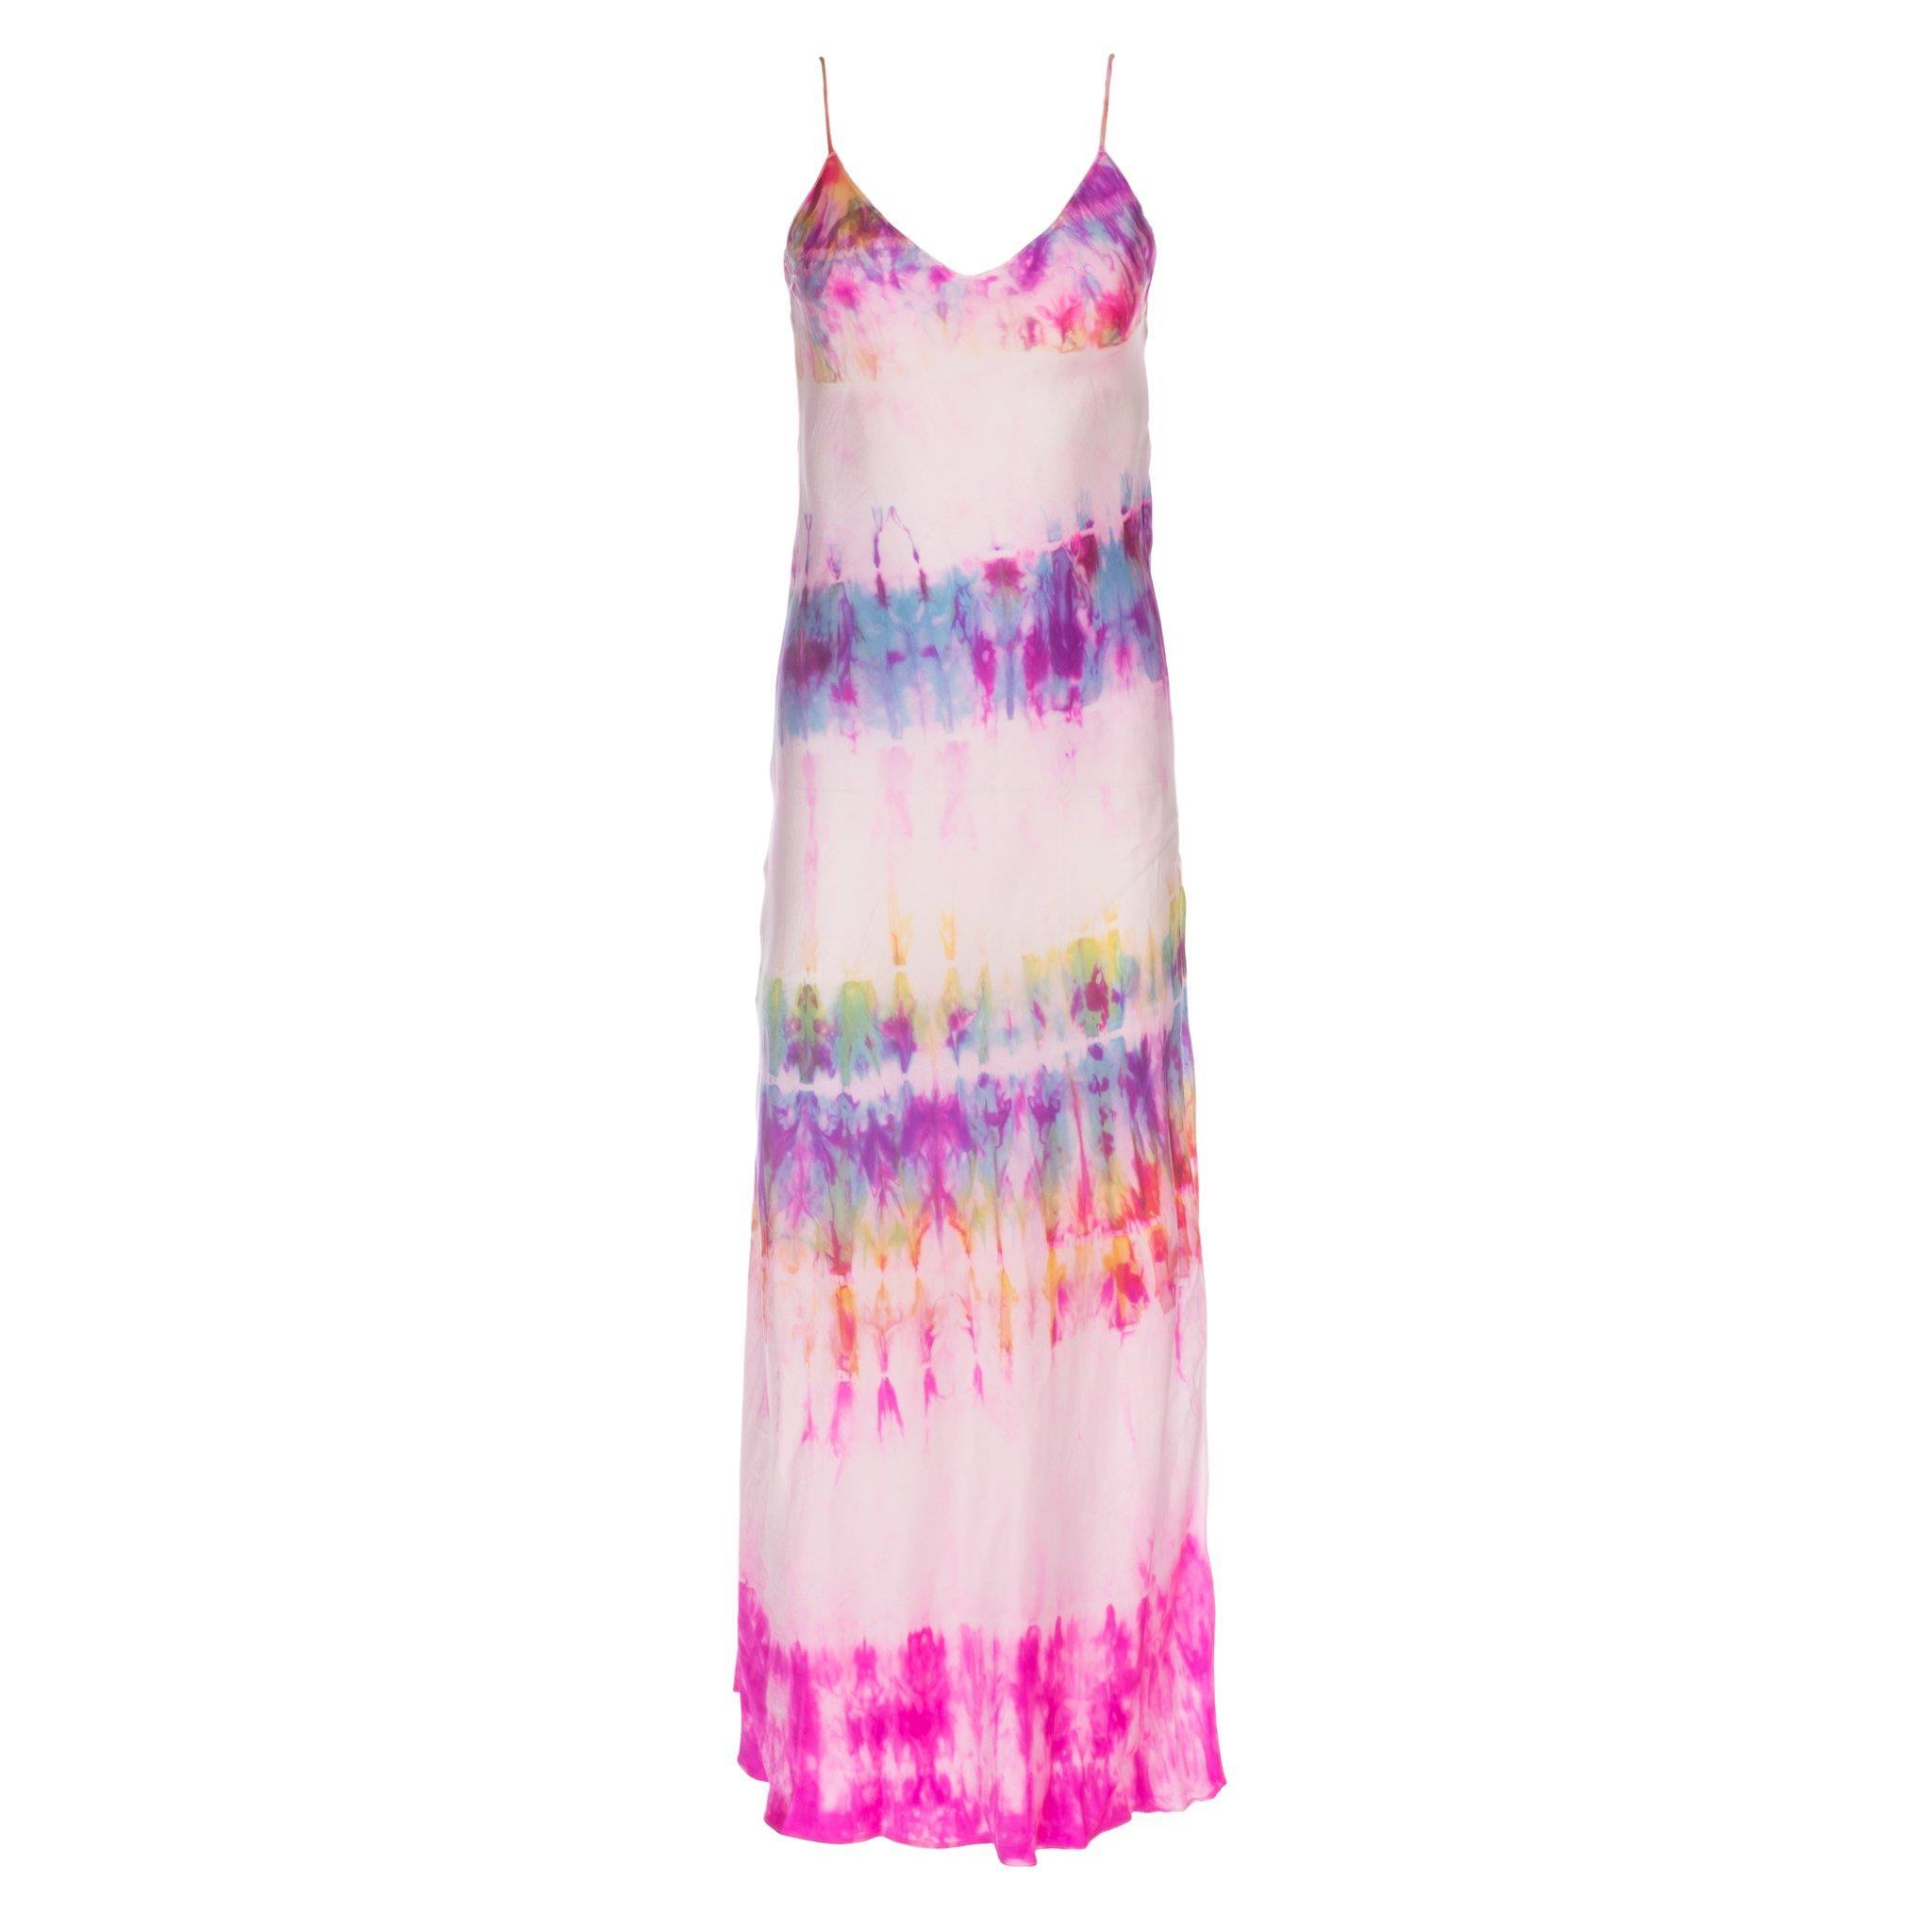 Dannijo Strawberry Fields Tie Dye Slip Dress - 90s Redux